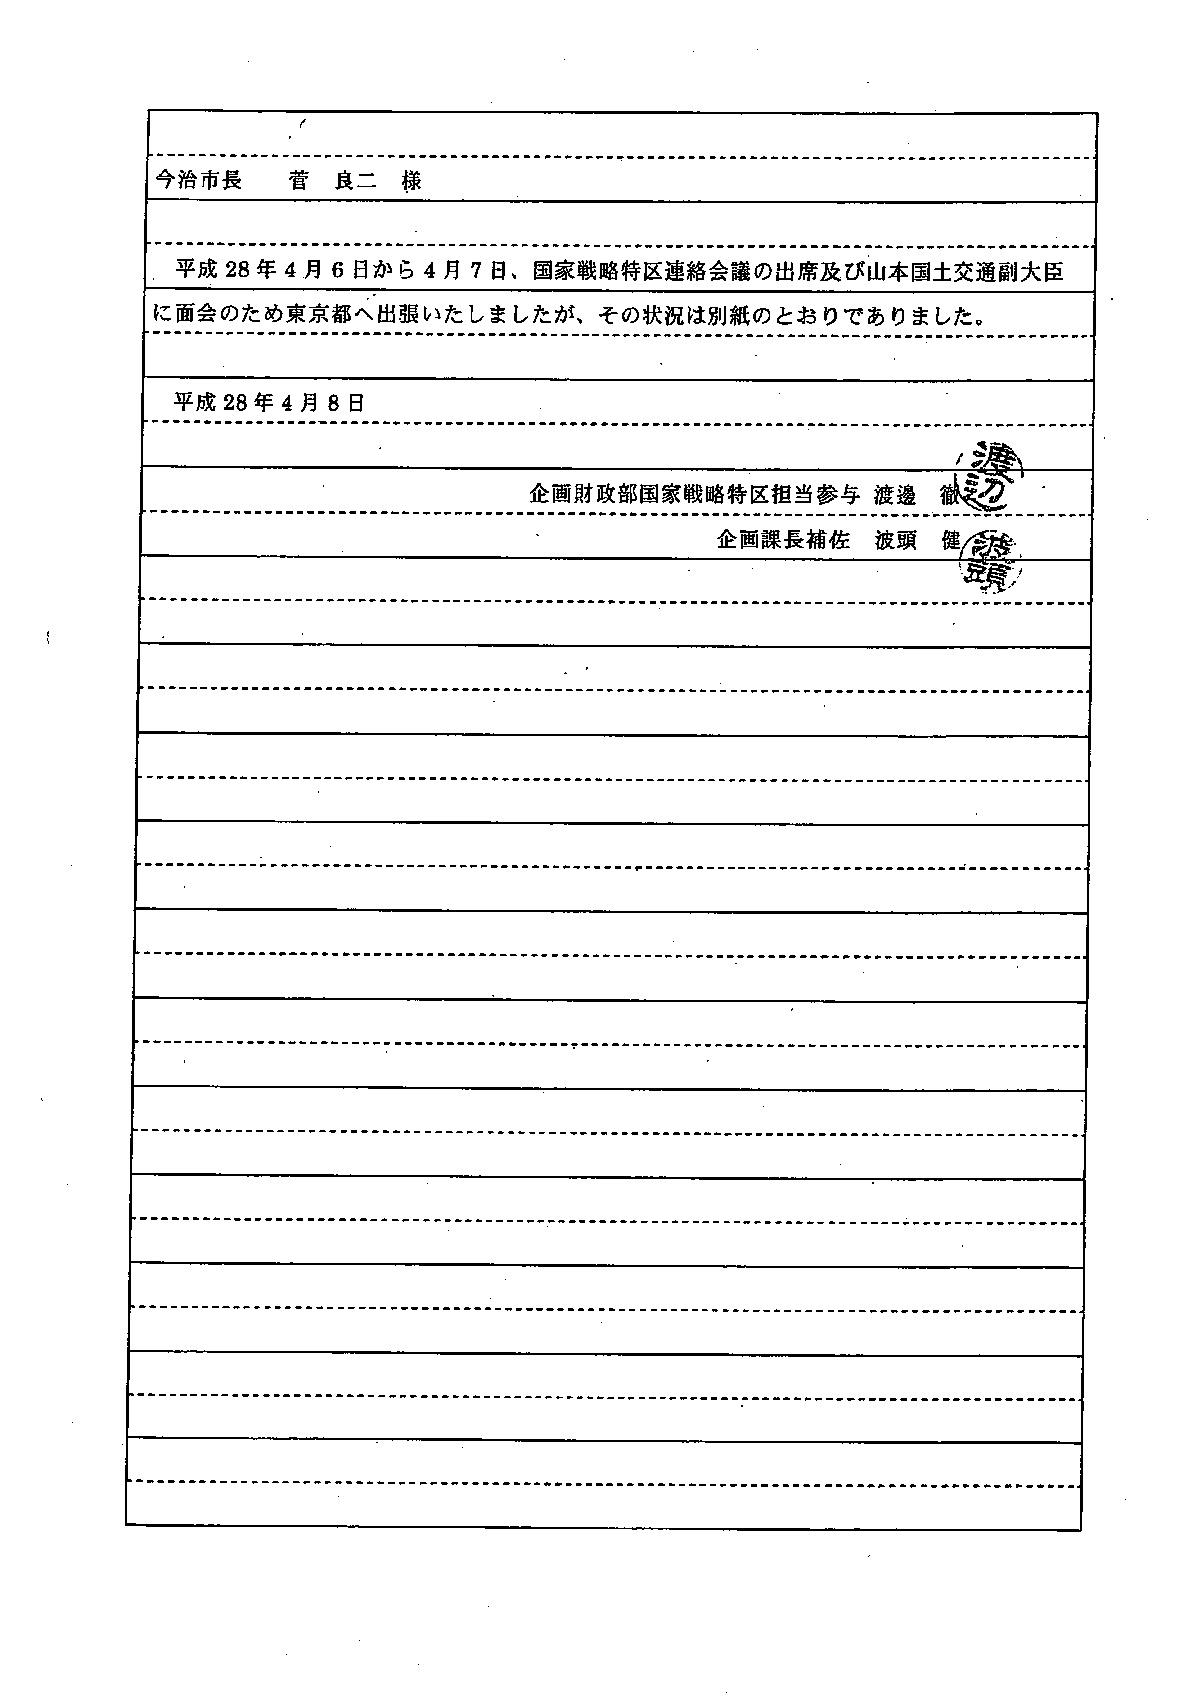 今治市 20160406-7 国家戦略特区連絡会議 国交副大臣面会 (2)